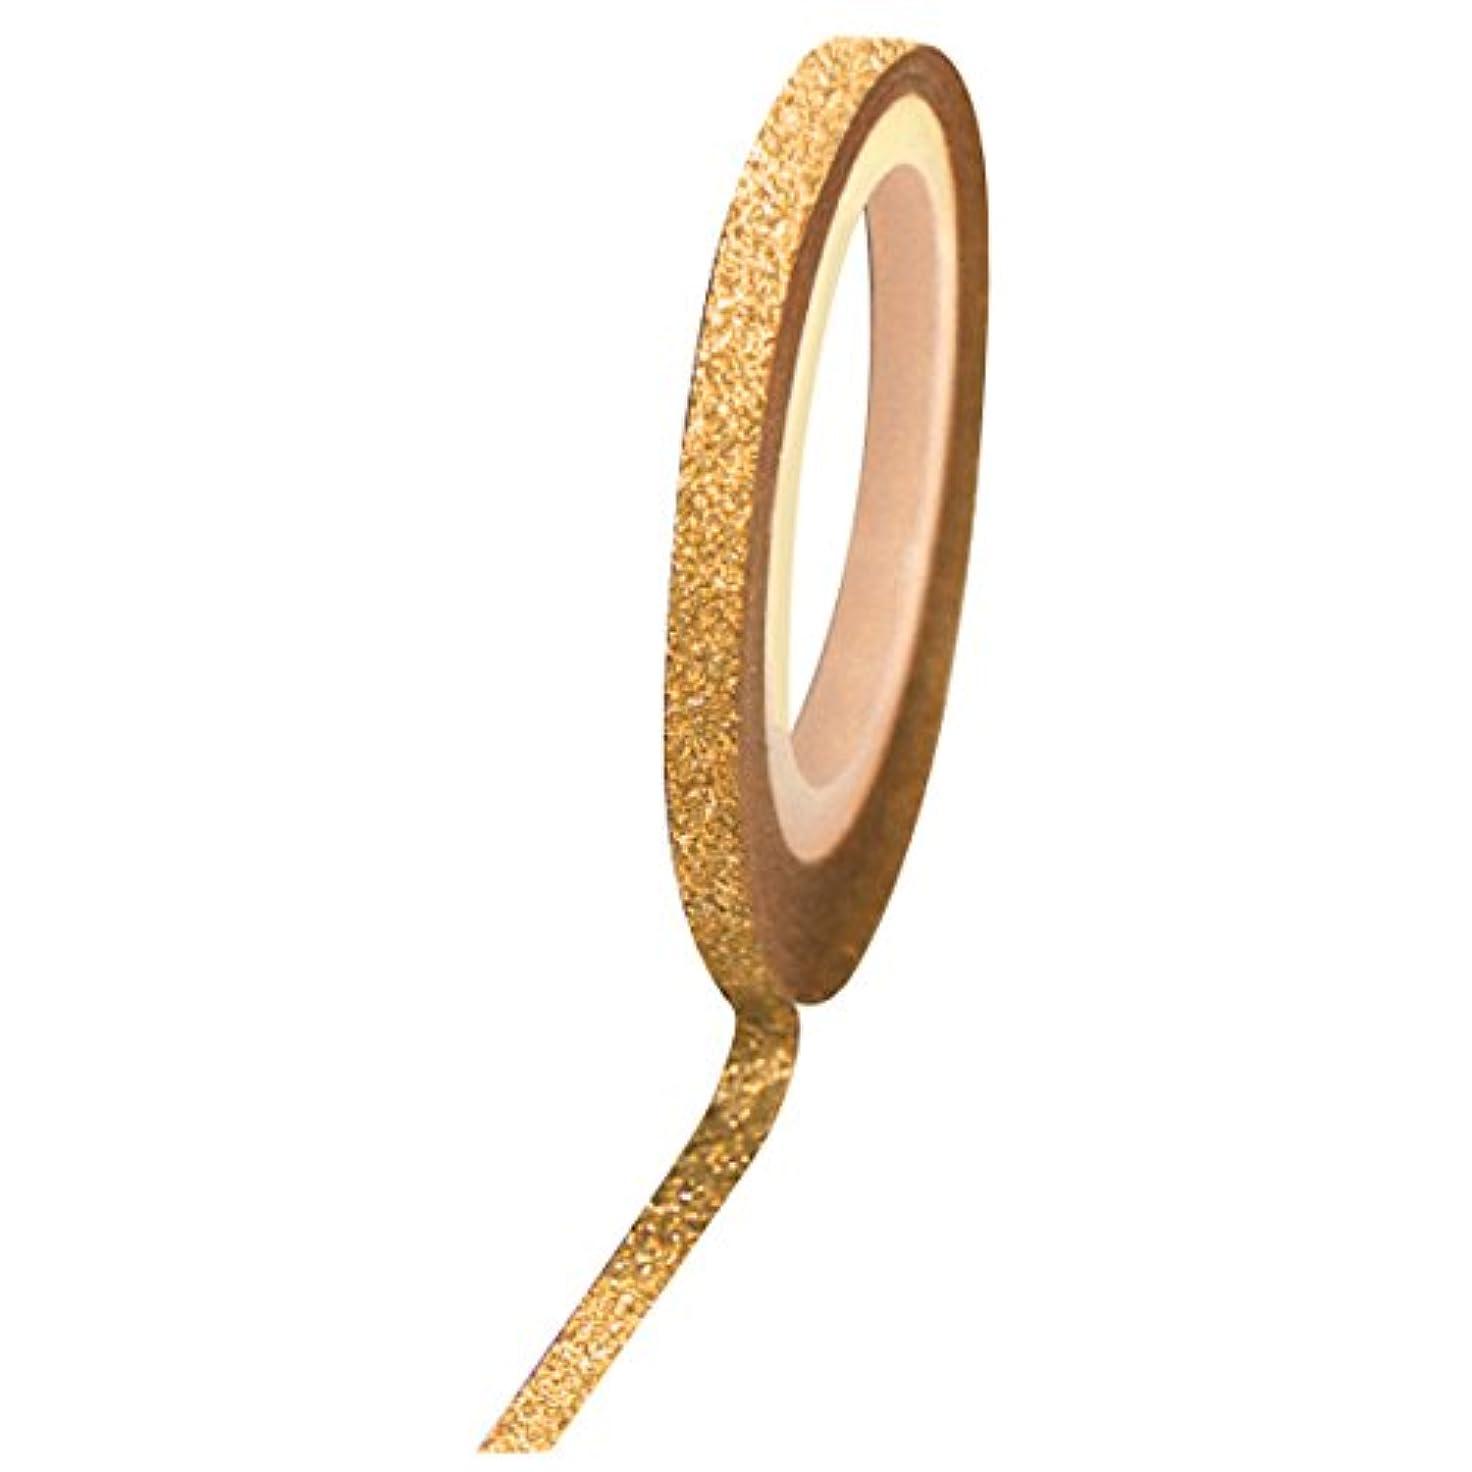 切断する凍った柔らかい足Bonnail グリッターラインテープ 2mm ゴールドラメ